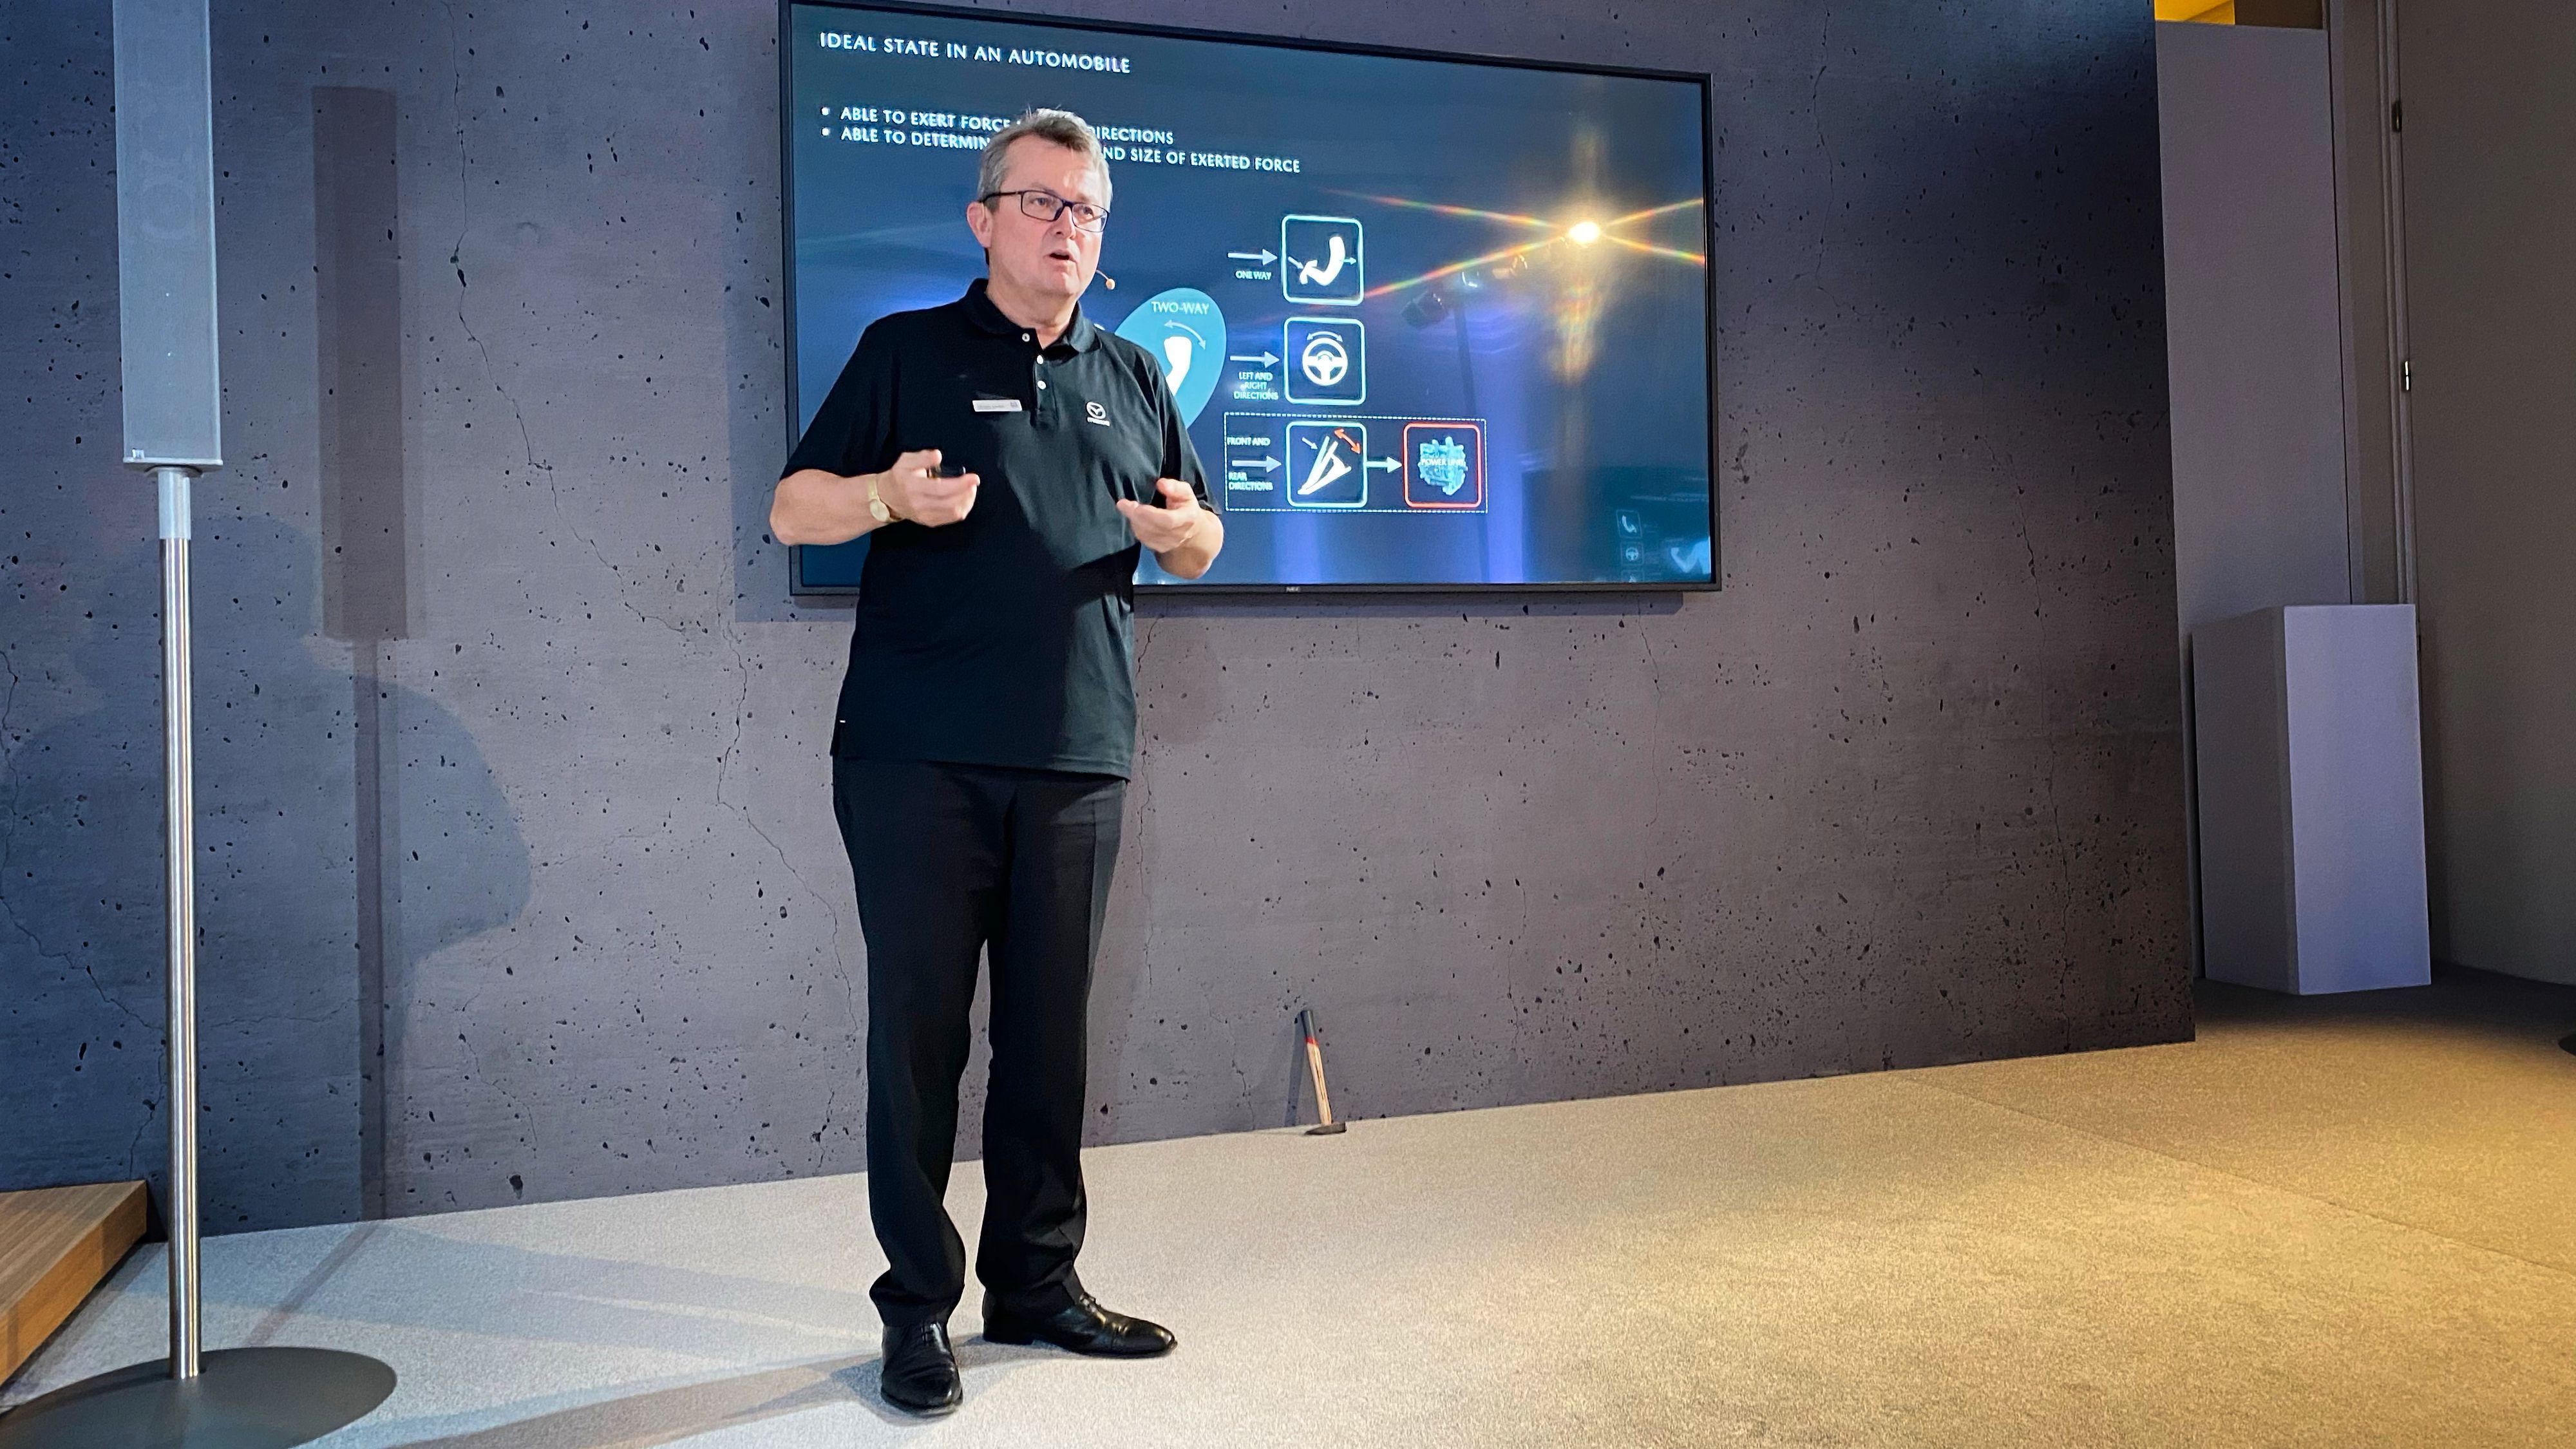 Sjefingeniør Christian Schultze i Mazda Europa sier de har ønsket å lage en ekte Mazda, selv om drivlinja er elektrisk.